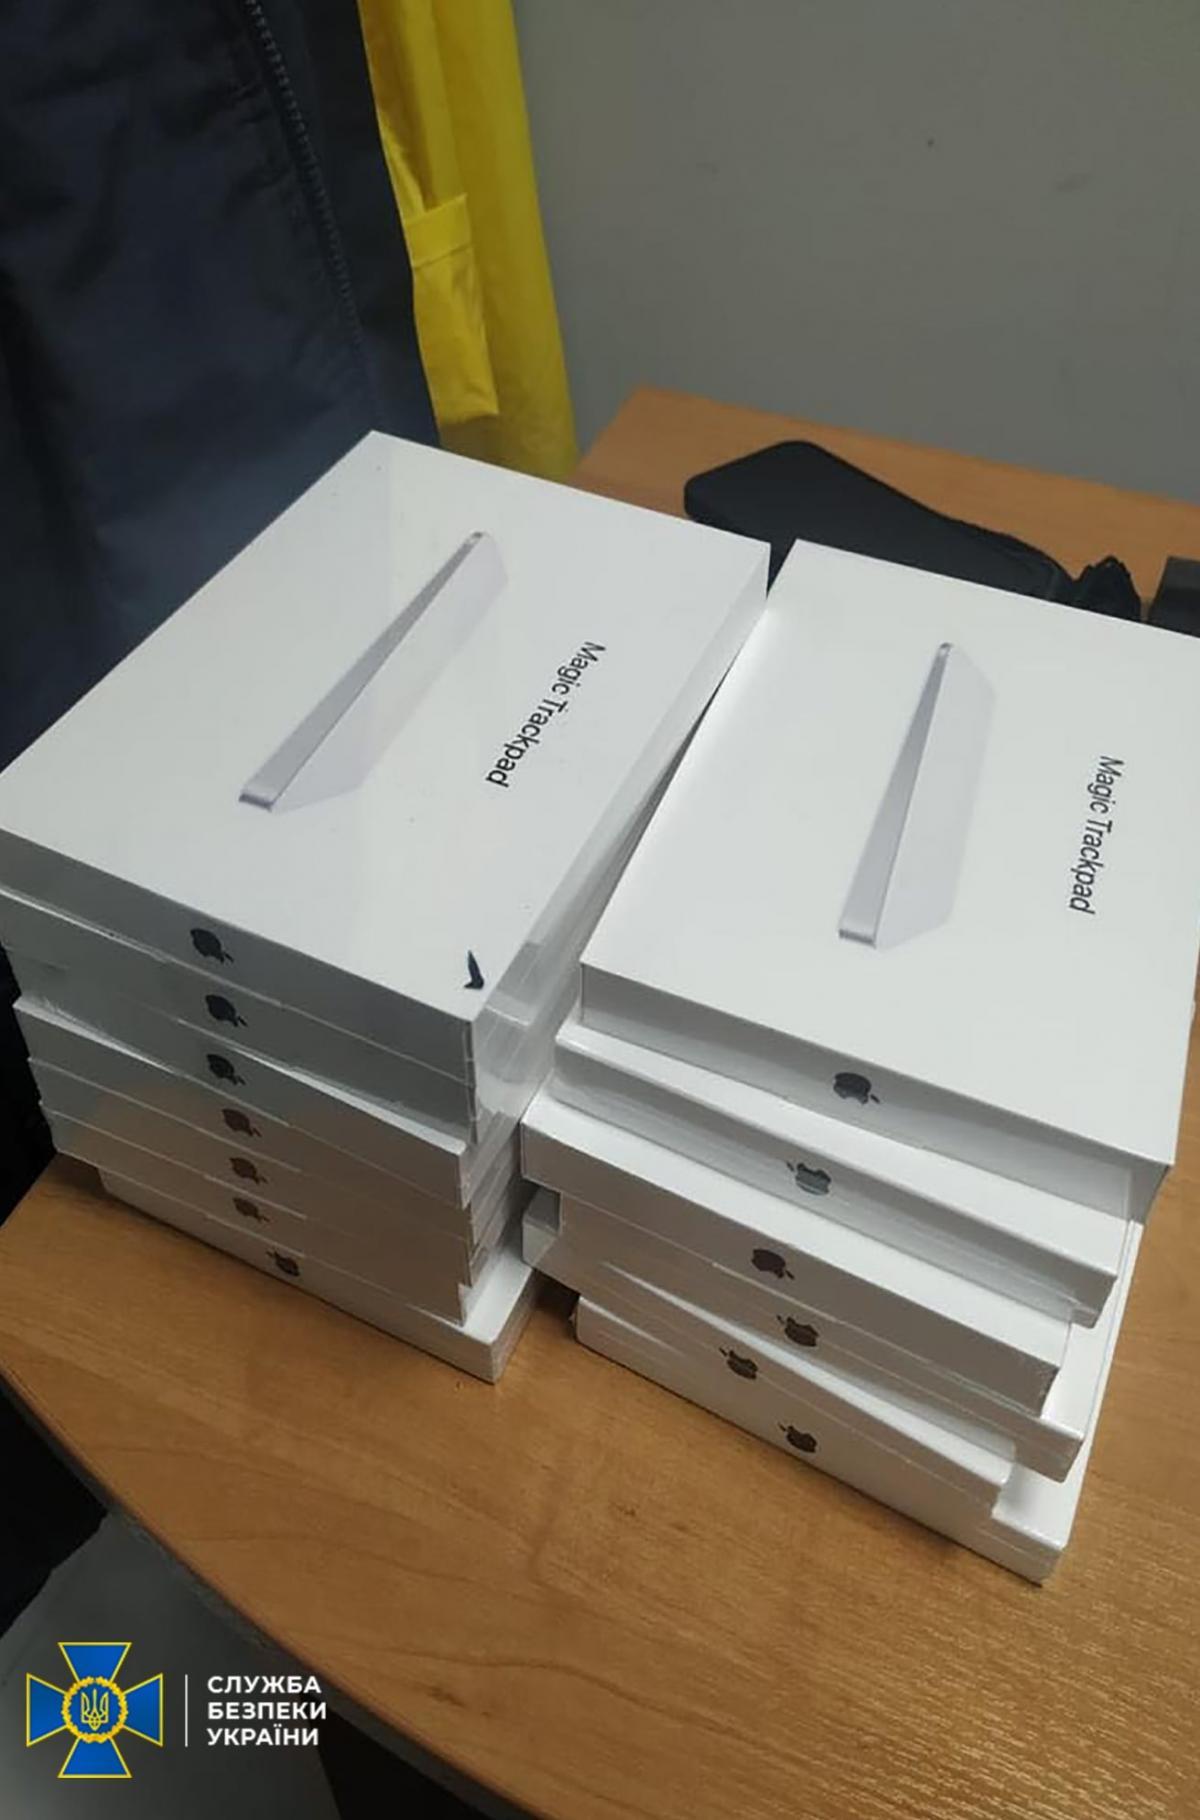 Во время углубленного досмотра багажа правоохранители обнаружили продукцию марки Apple \ фото Фейсбук Сергей Левченко